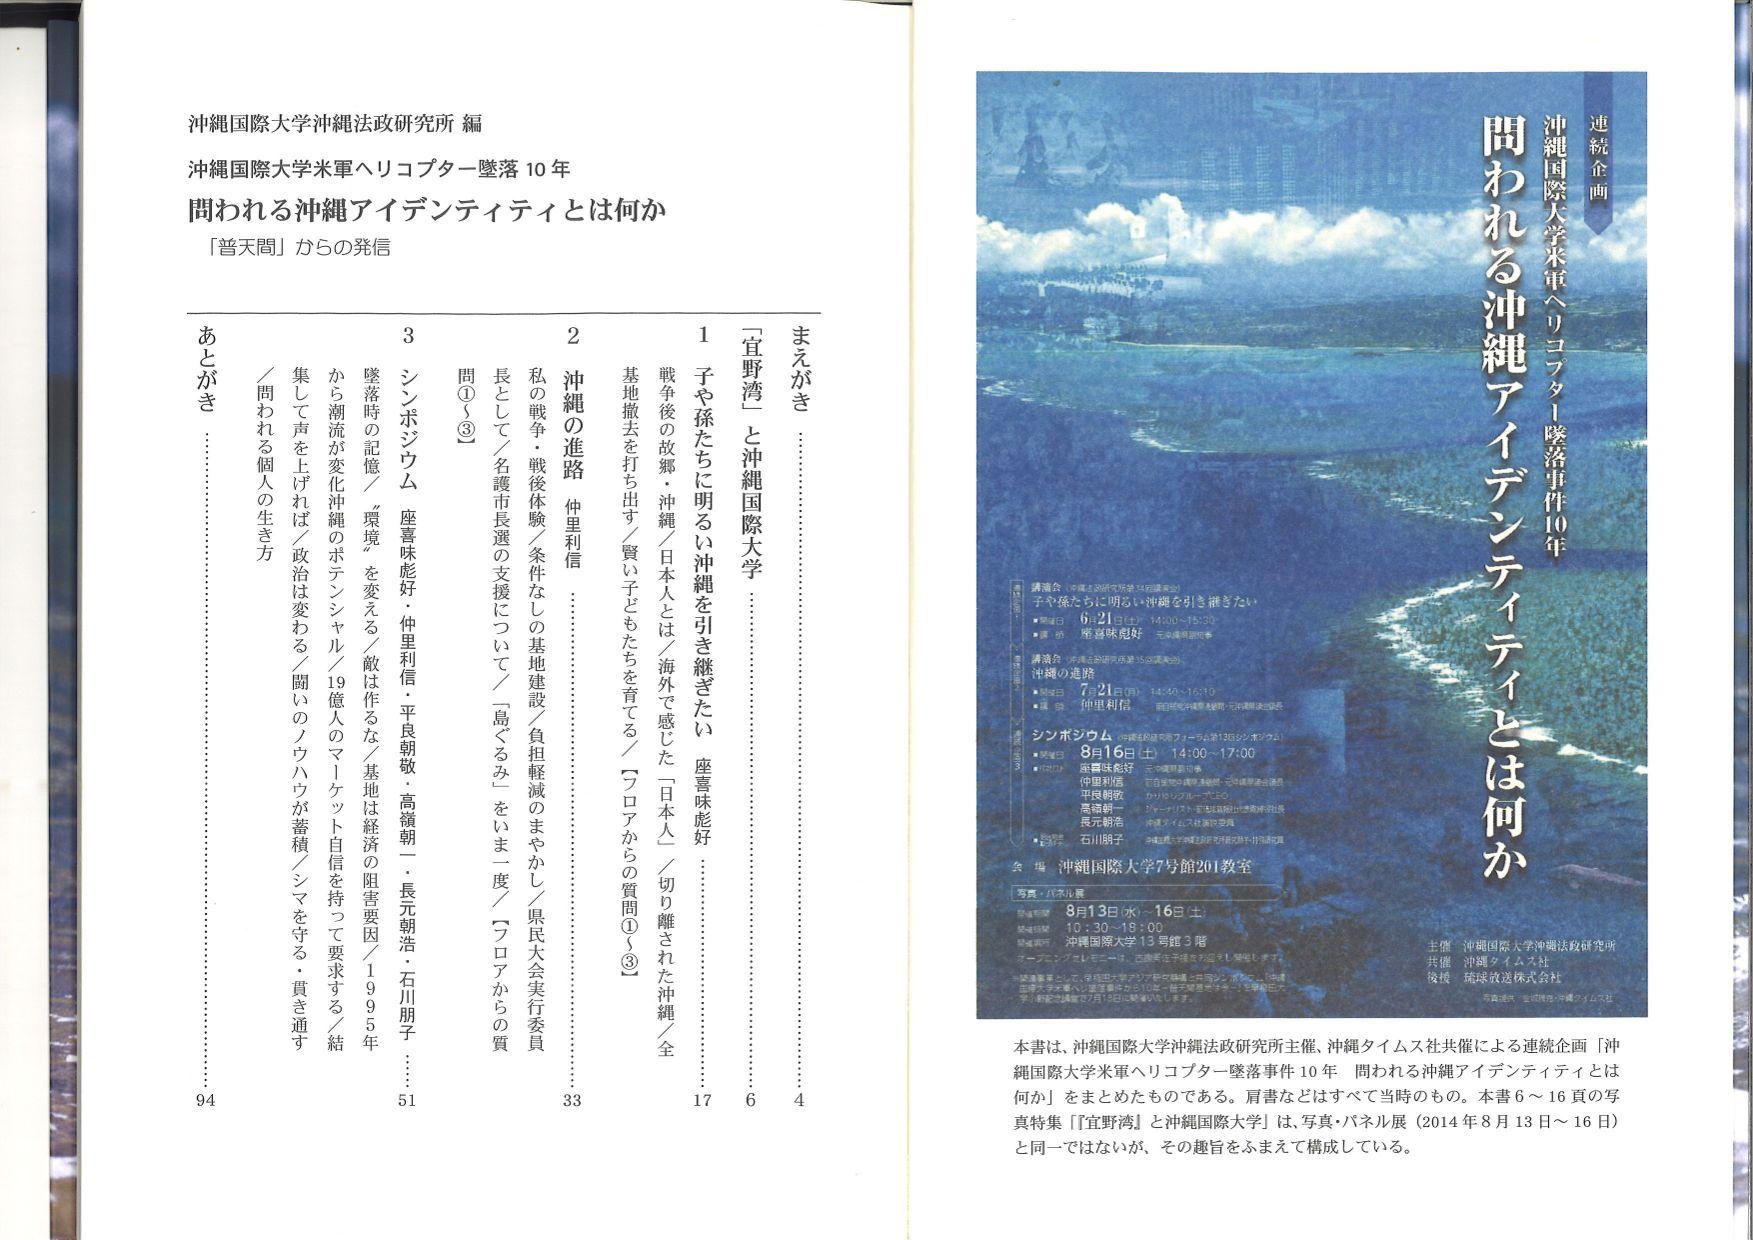 『問われる沖縄アイデンティティとは何か』目次